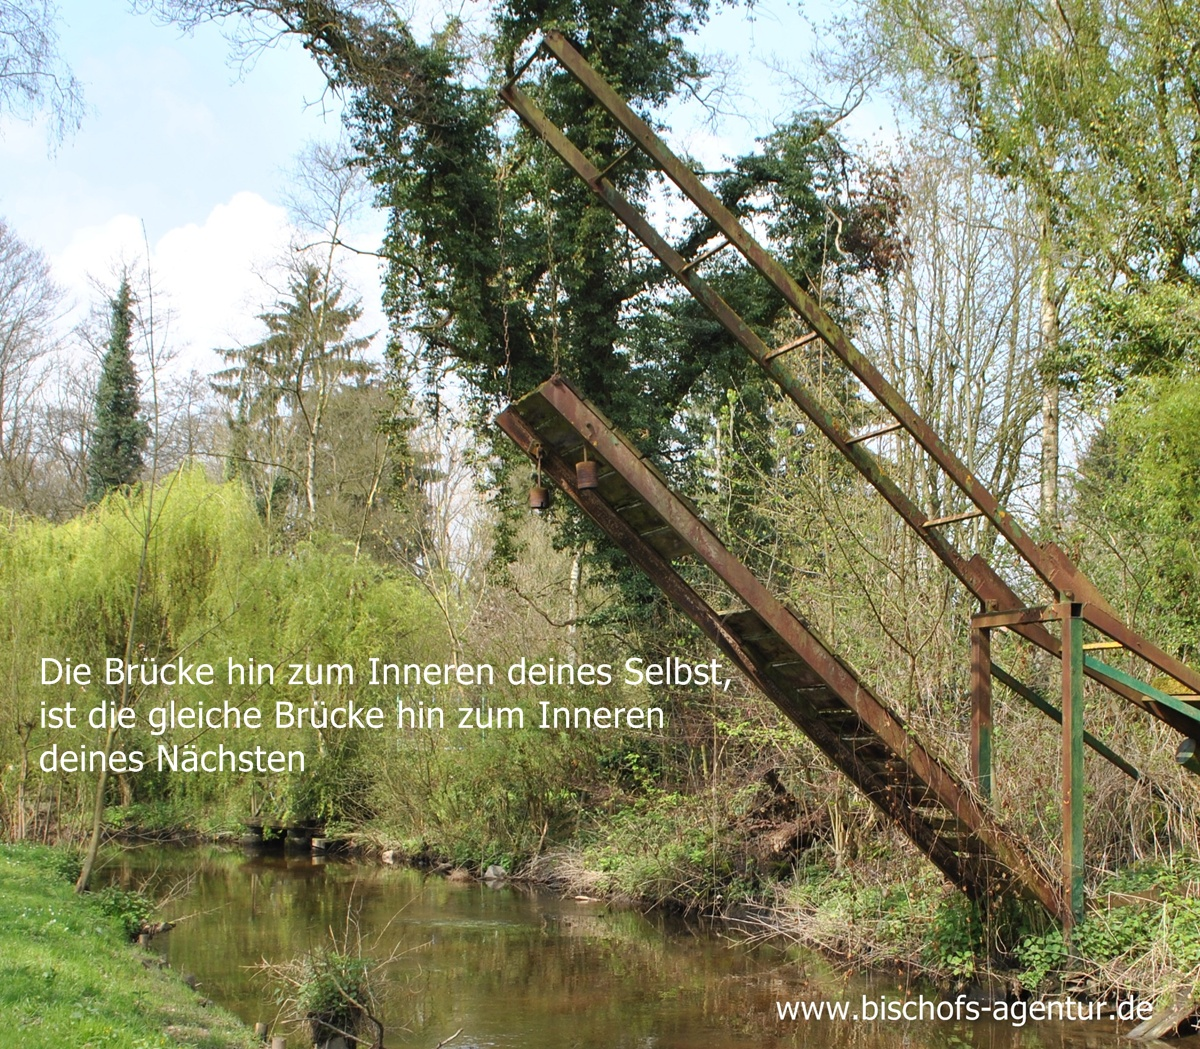 brücken sprüche In Sachen Weisheit : Brücken Zeit brücken sprüche